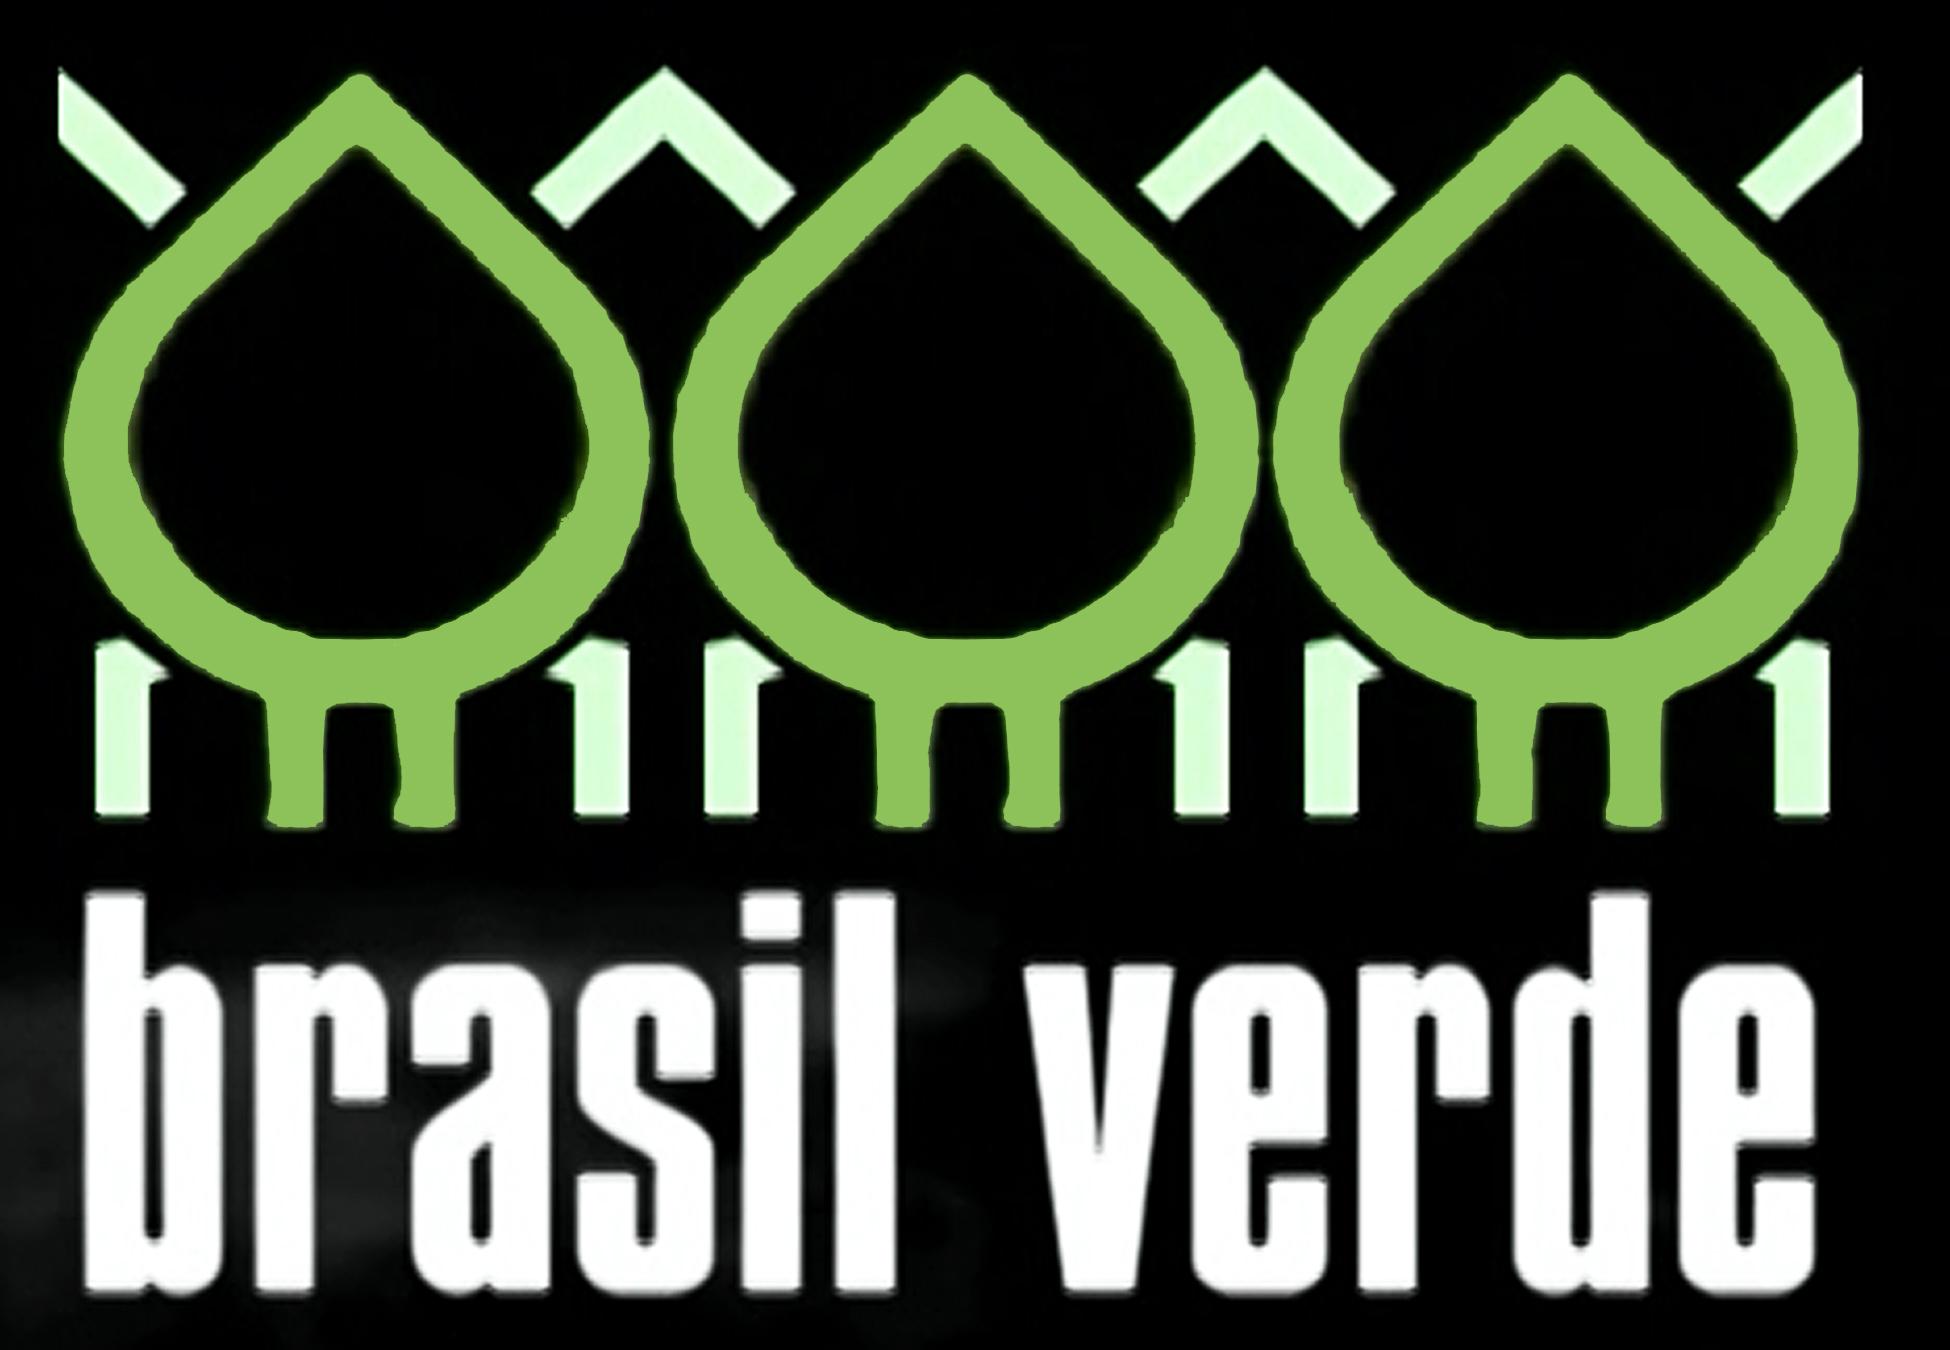 BRASIL VERDE copy.JPG